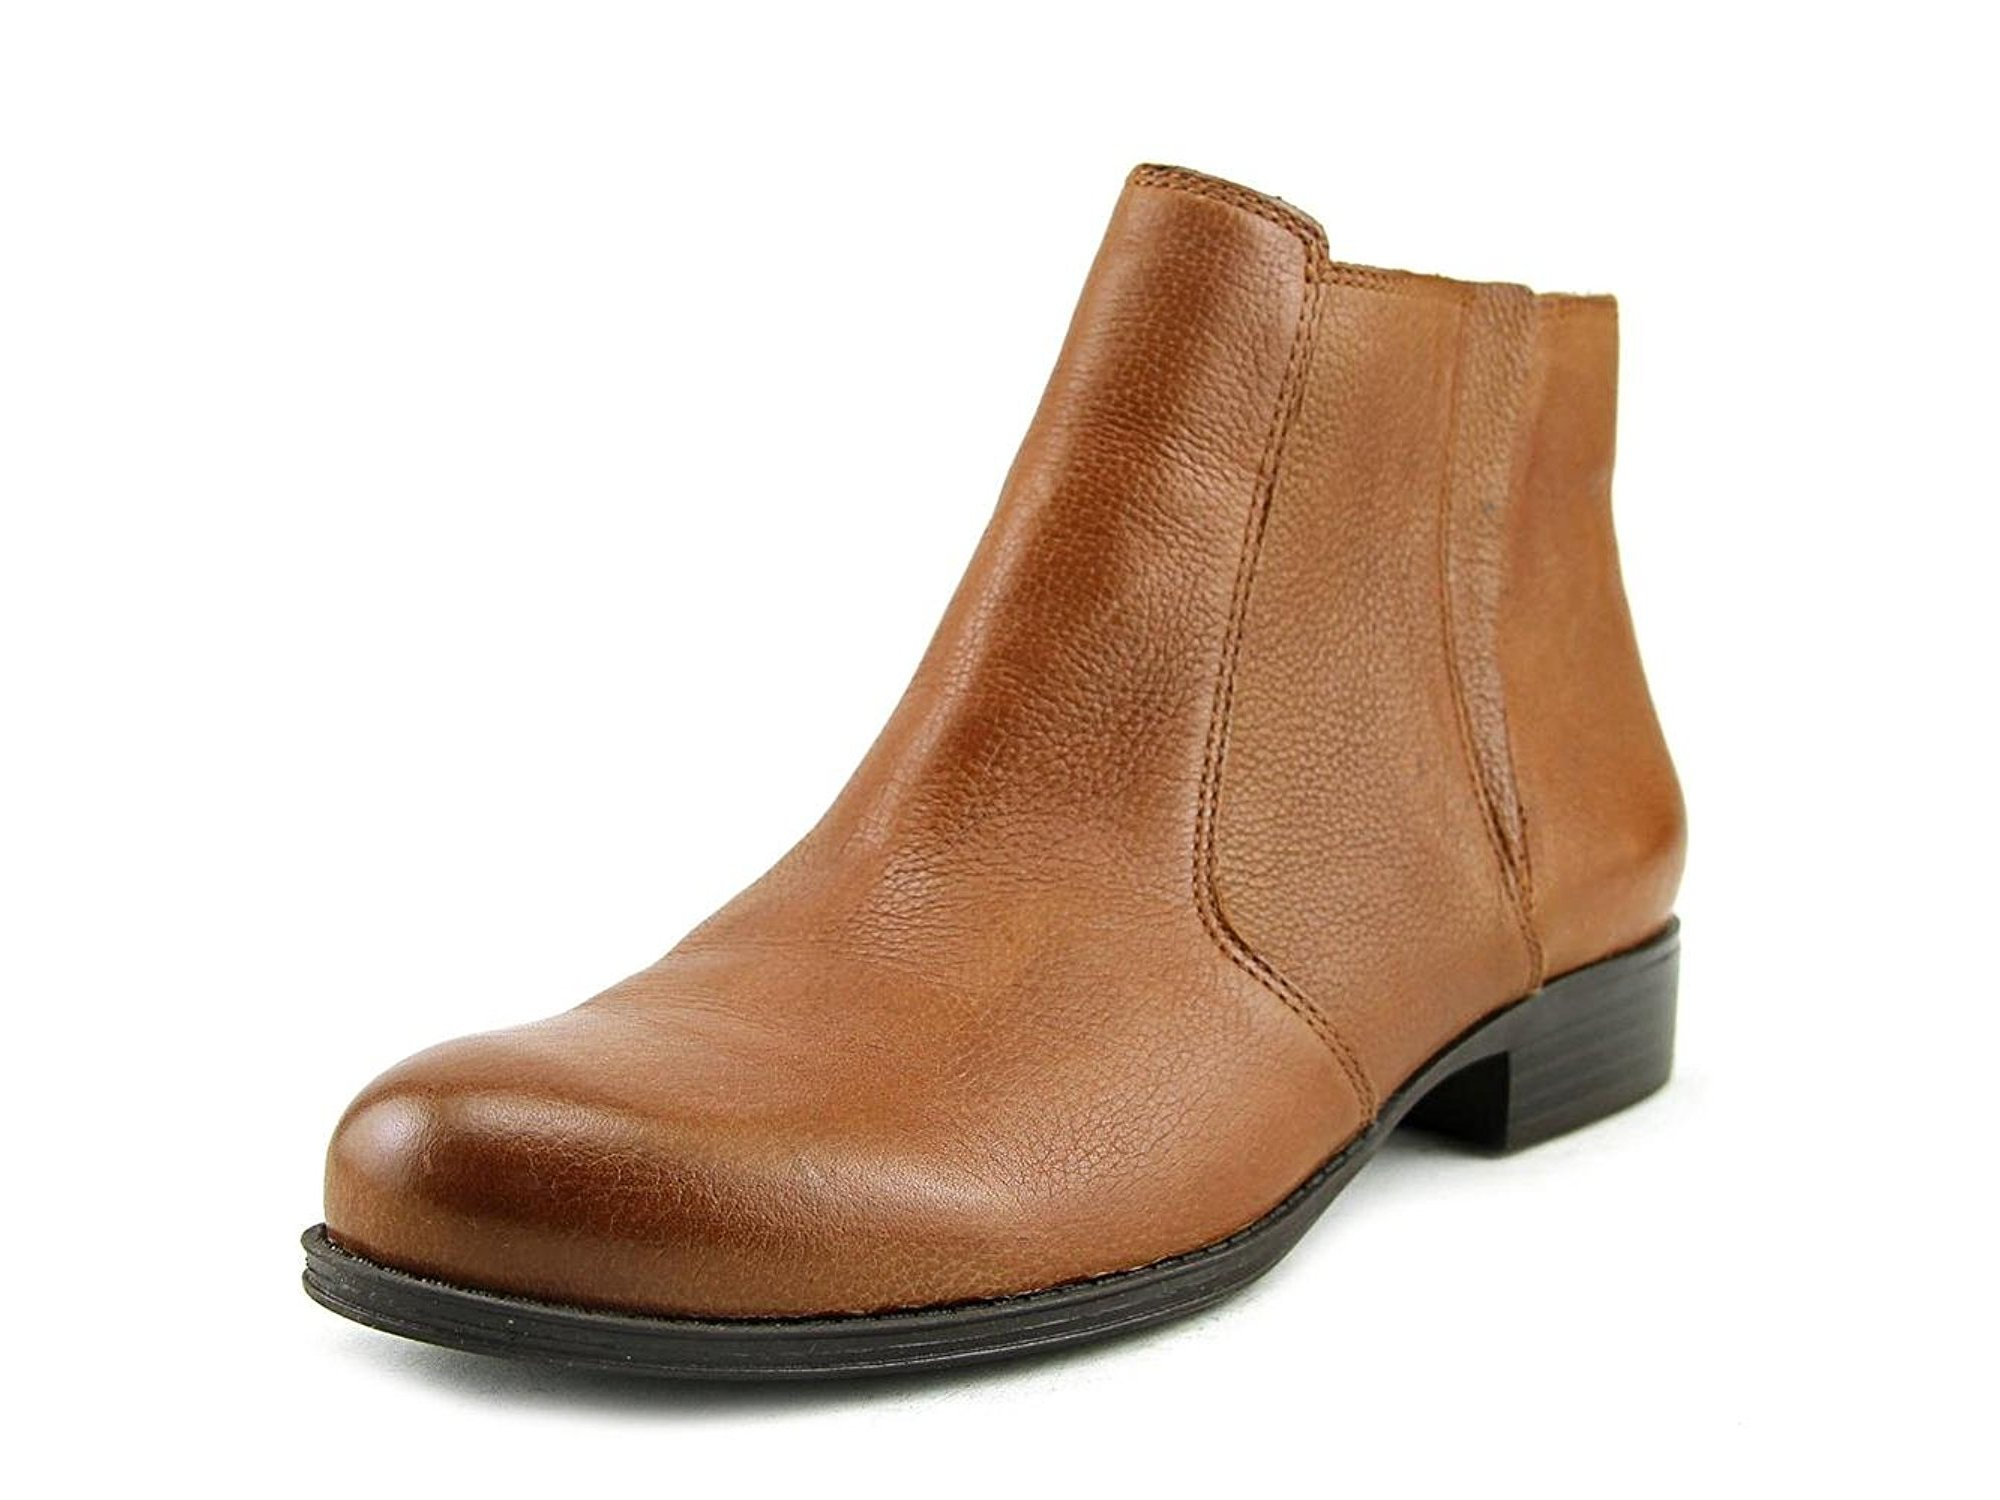 Naturalizer Damenschuhe jump Leder Almond Toe Ankle, Ankle, Ankle, Banana Bread, Größe 165c8f